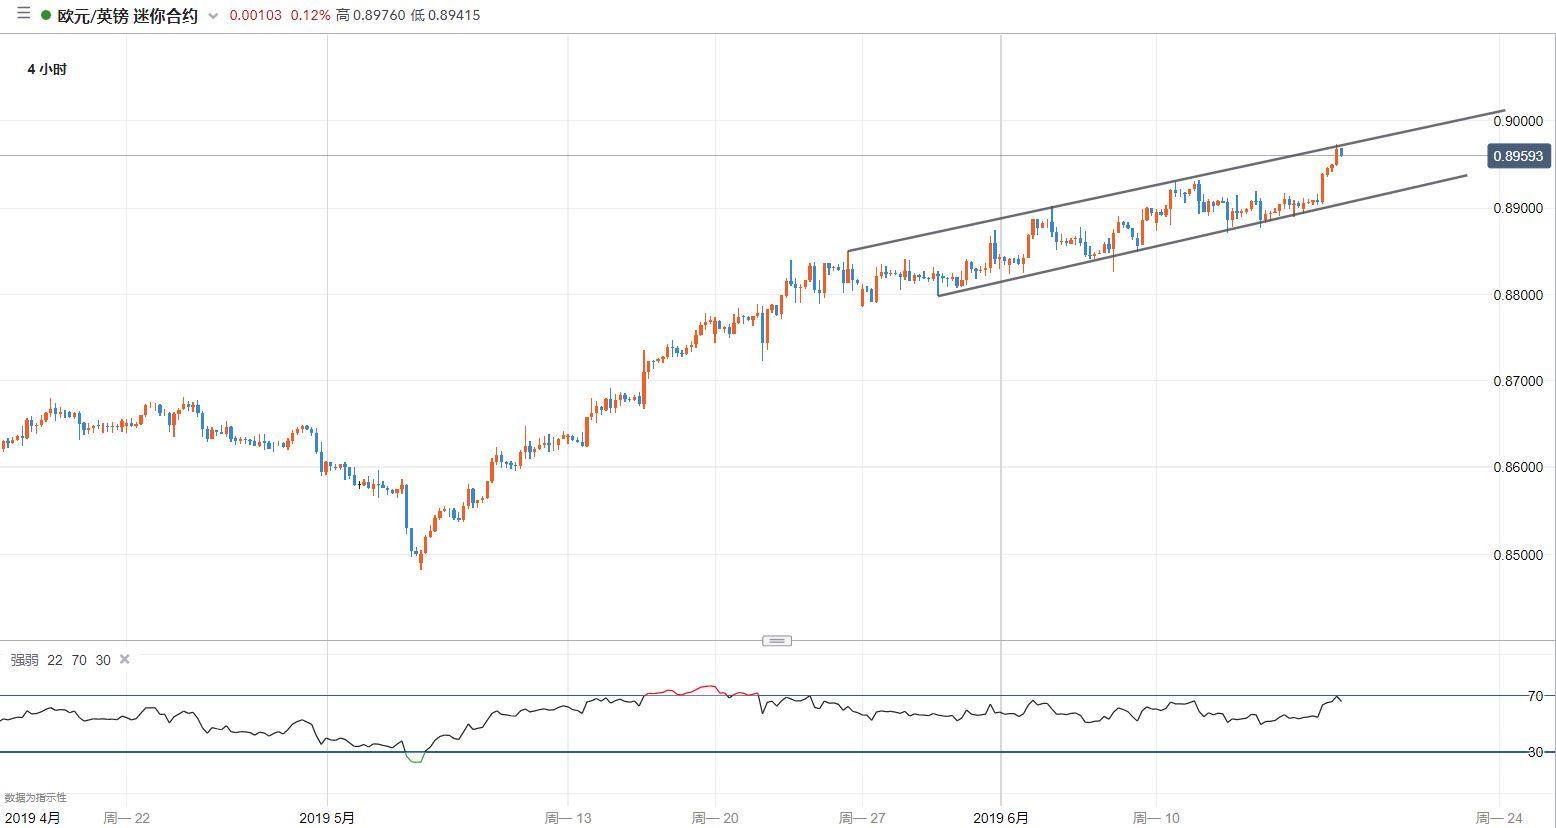 歐元/英鎊技術分析:再次升至通道上沿,關注回落風險